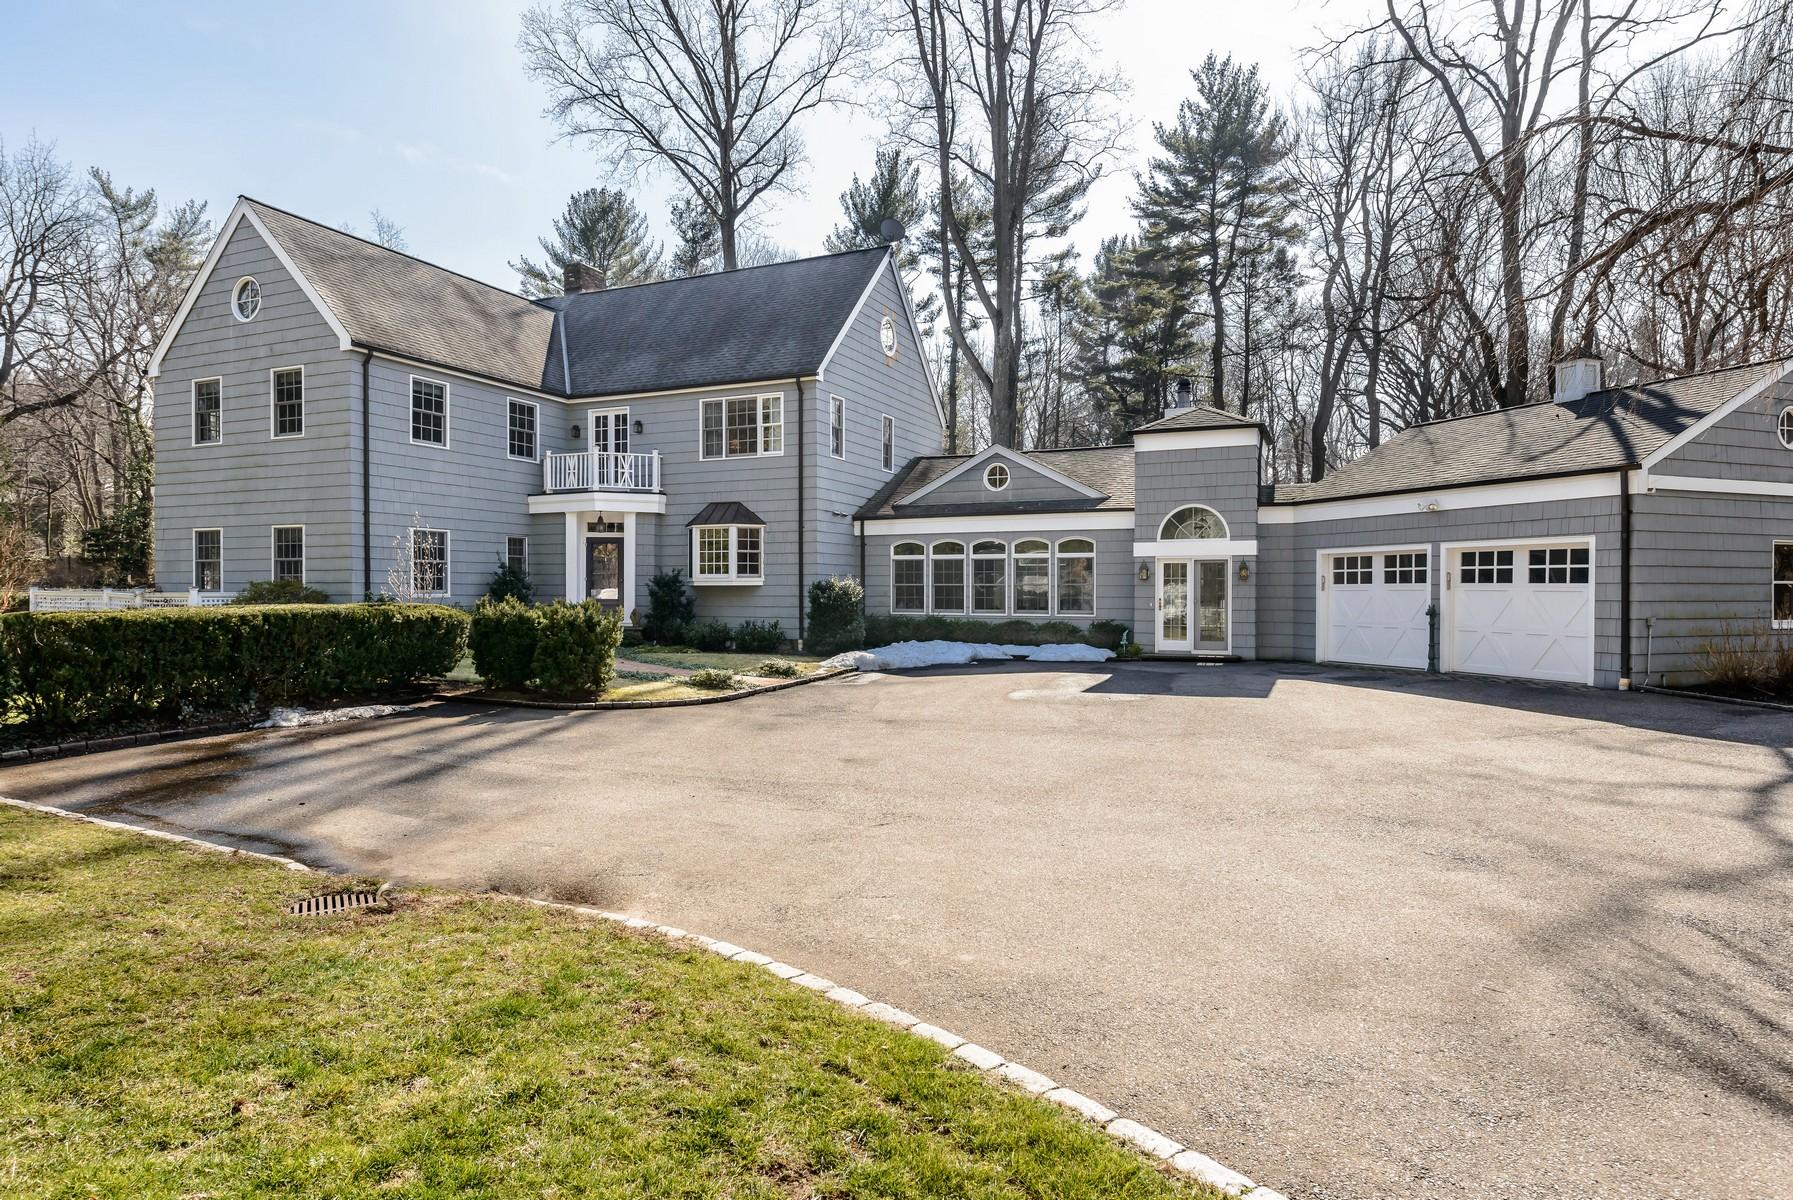 独户住宅 为 销售 在 Colonial 330 Bayville Rd Lattingtown, 纽约州, 11560 美国